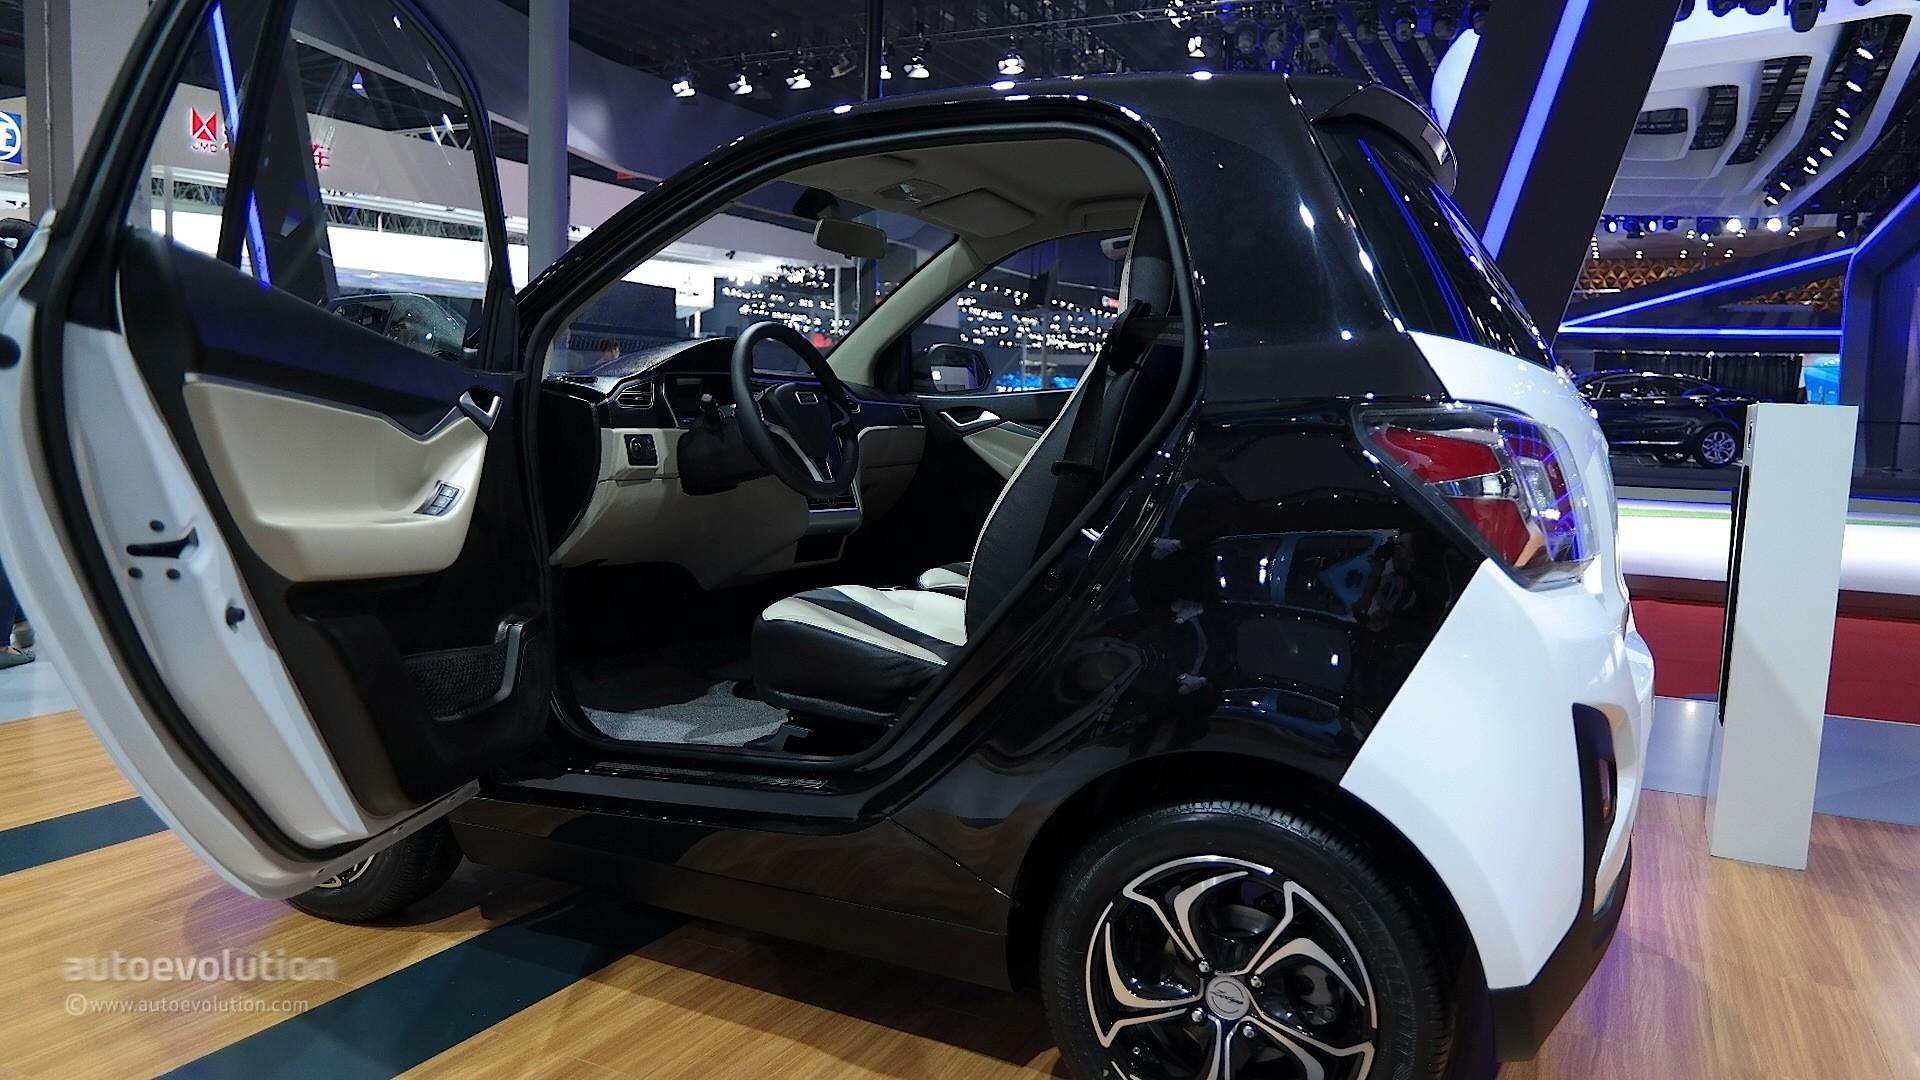 Zotye E30 Ev Shoves A Tesla Model S Dashboard Inside A